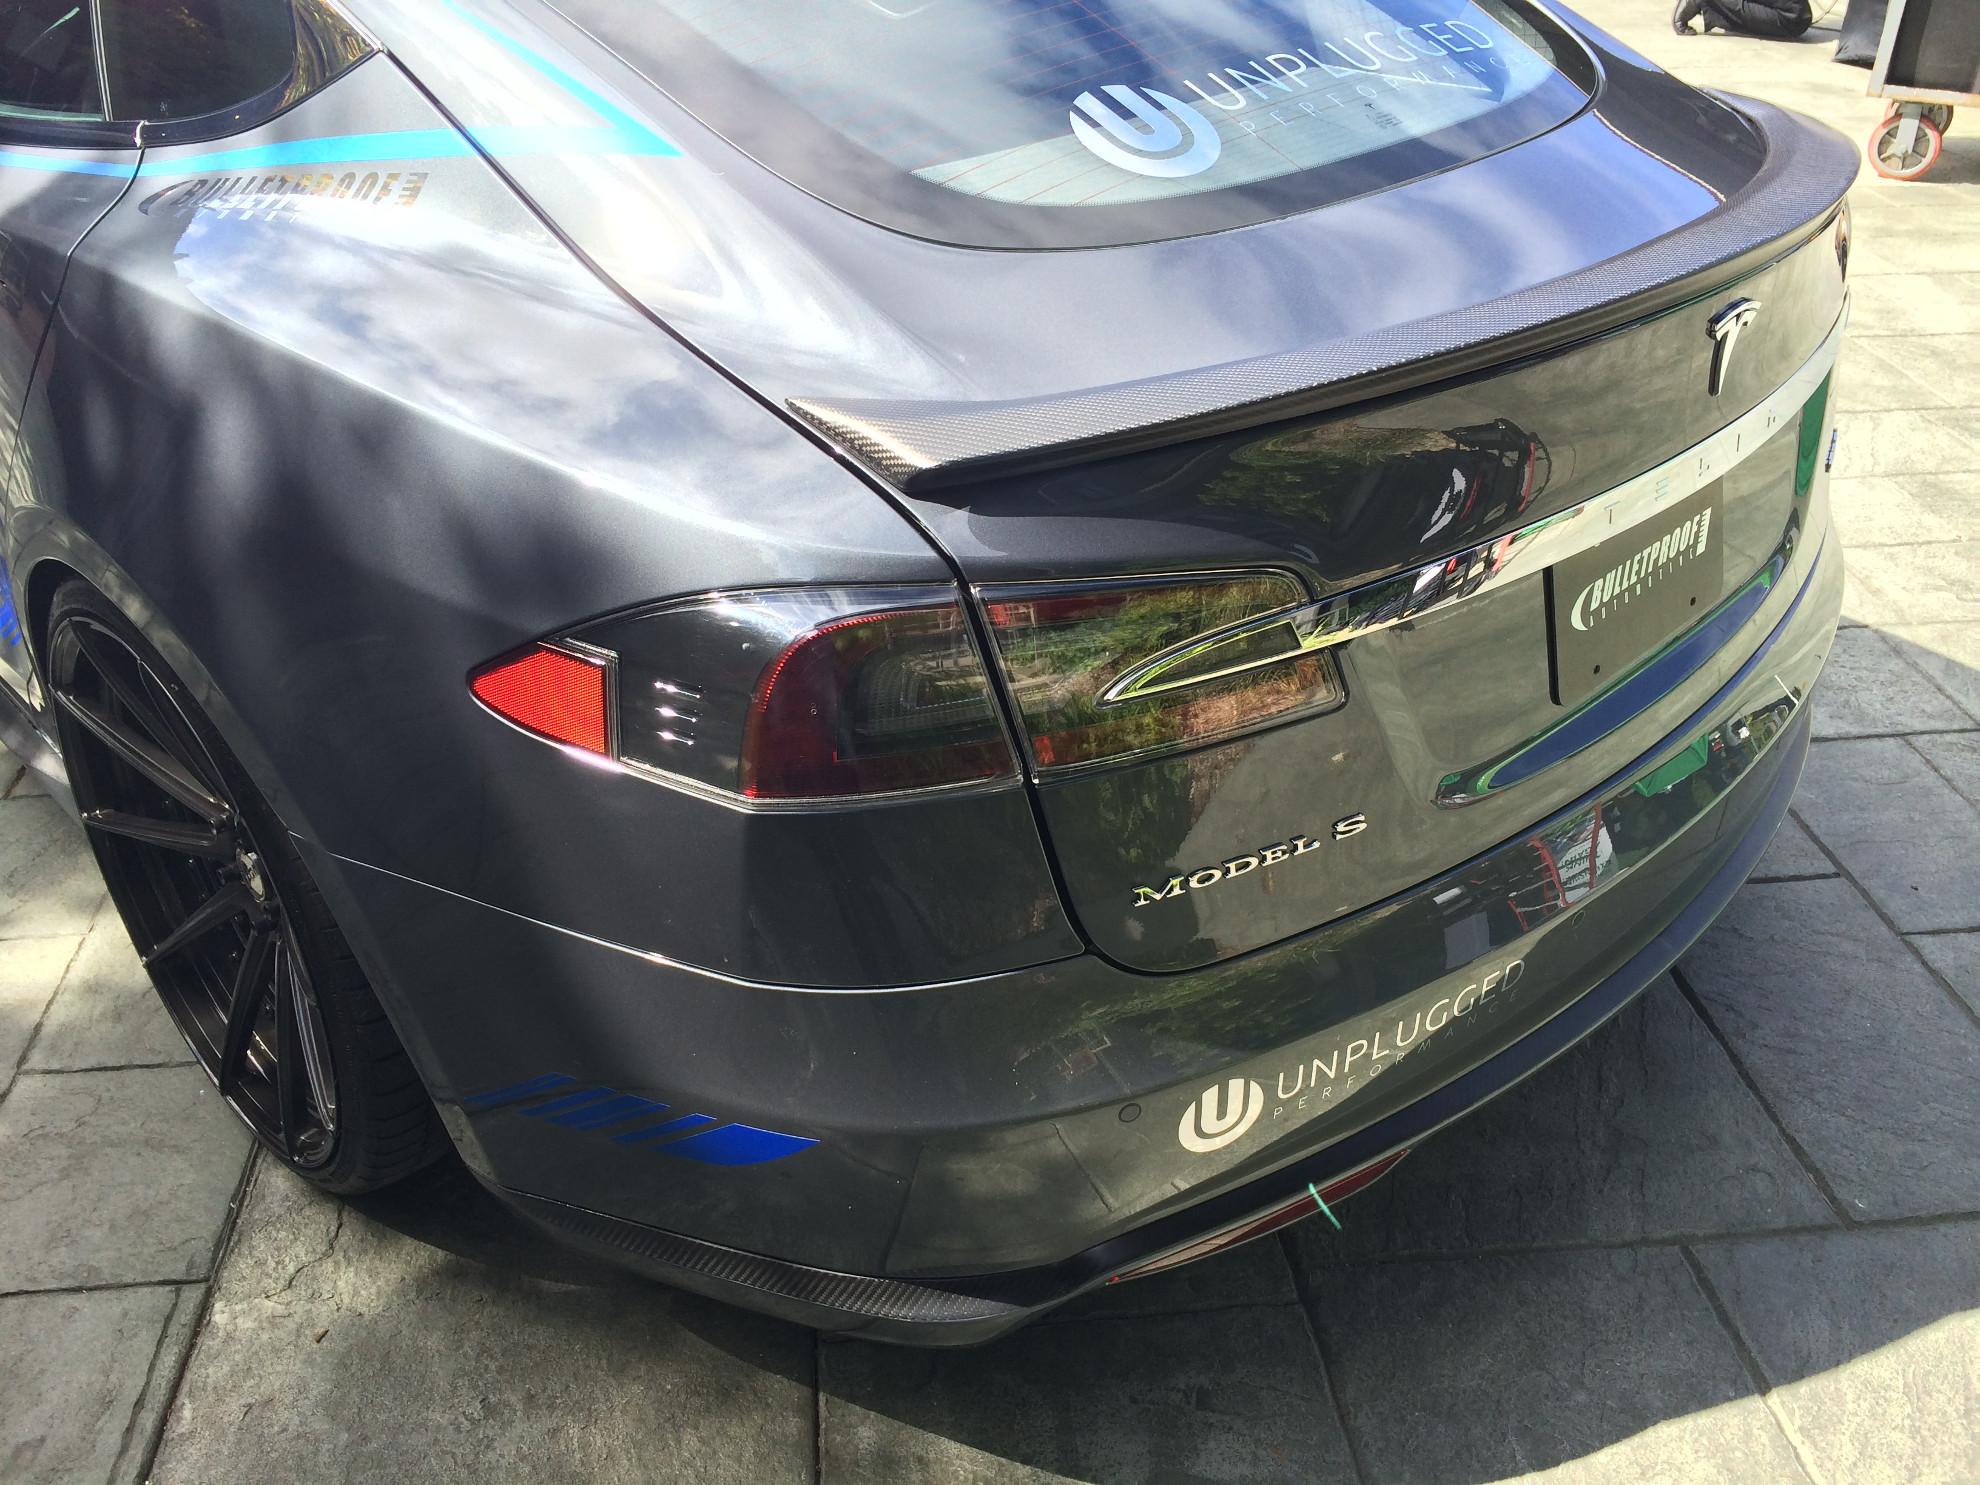 Tesla Model S Aftermarket Body Kits